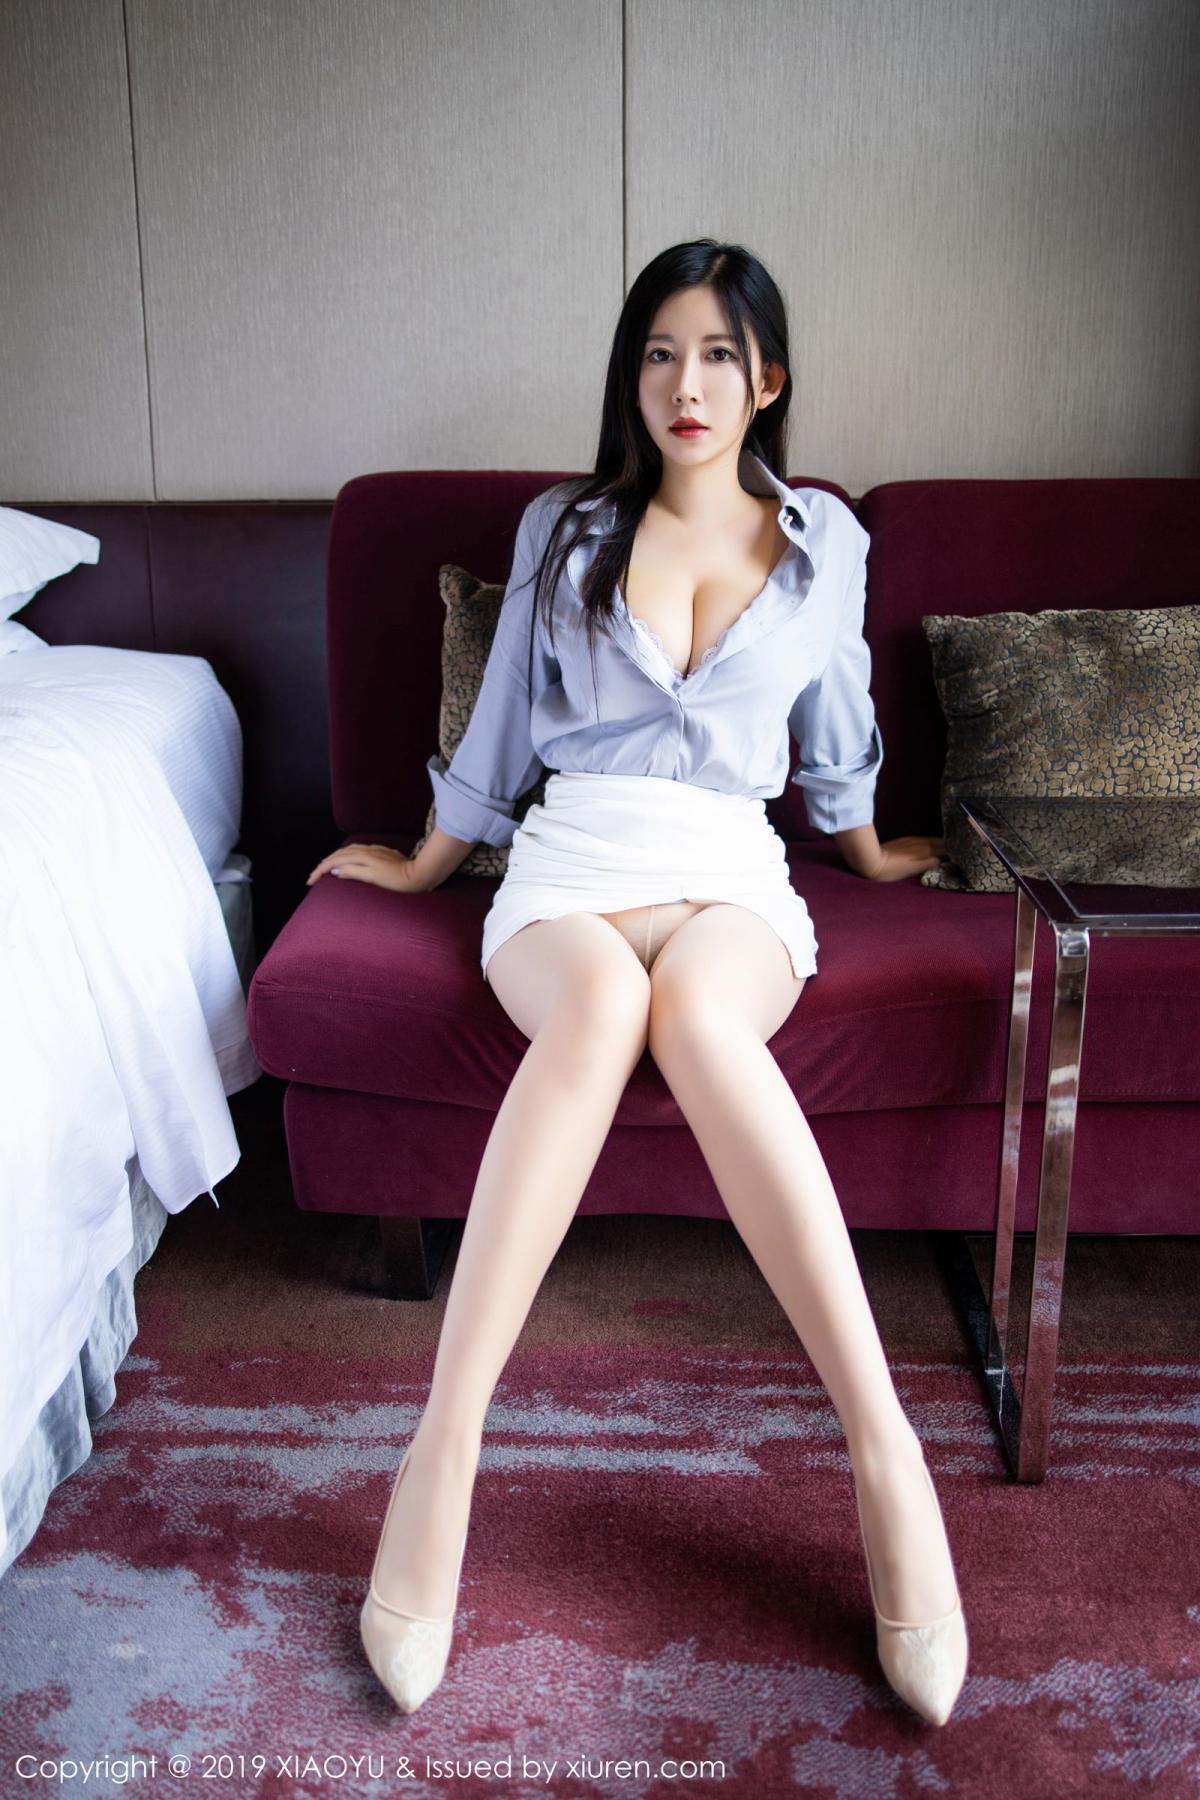 [XiaoYu] Vol.180 Li Ya 12P, Li Ya, Underwear, XiaoYu